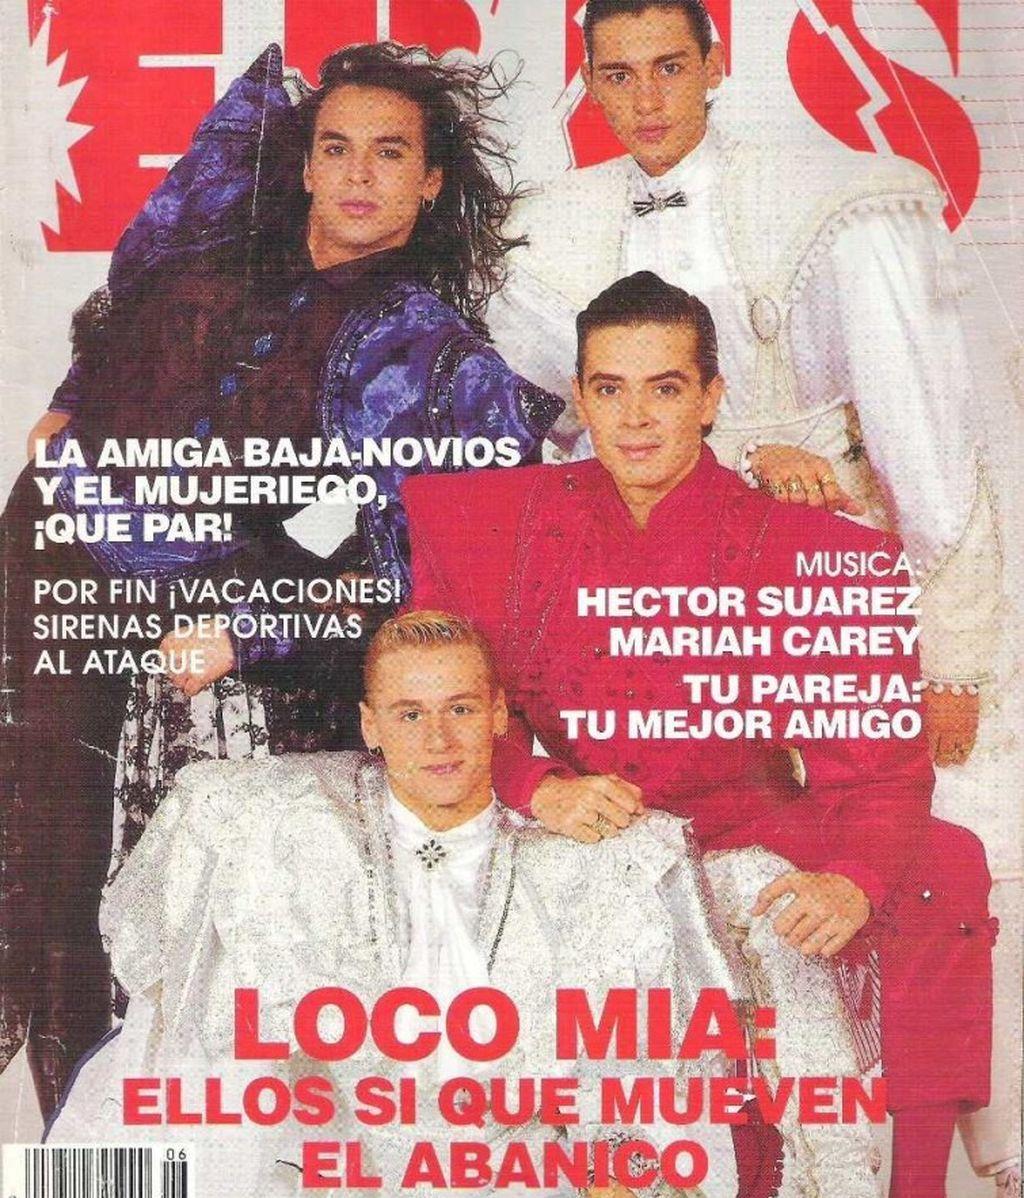 Locomia3-755x1000